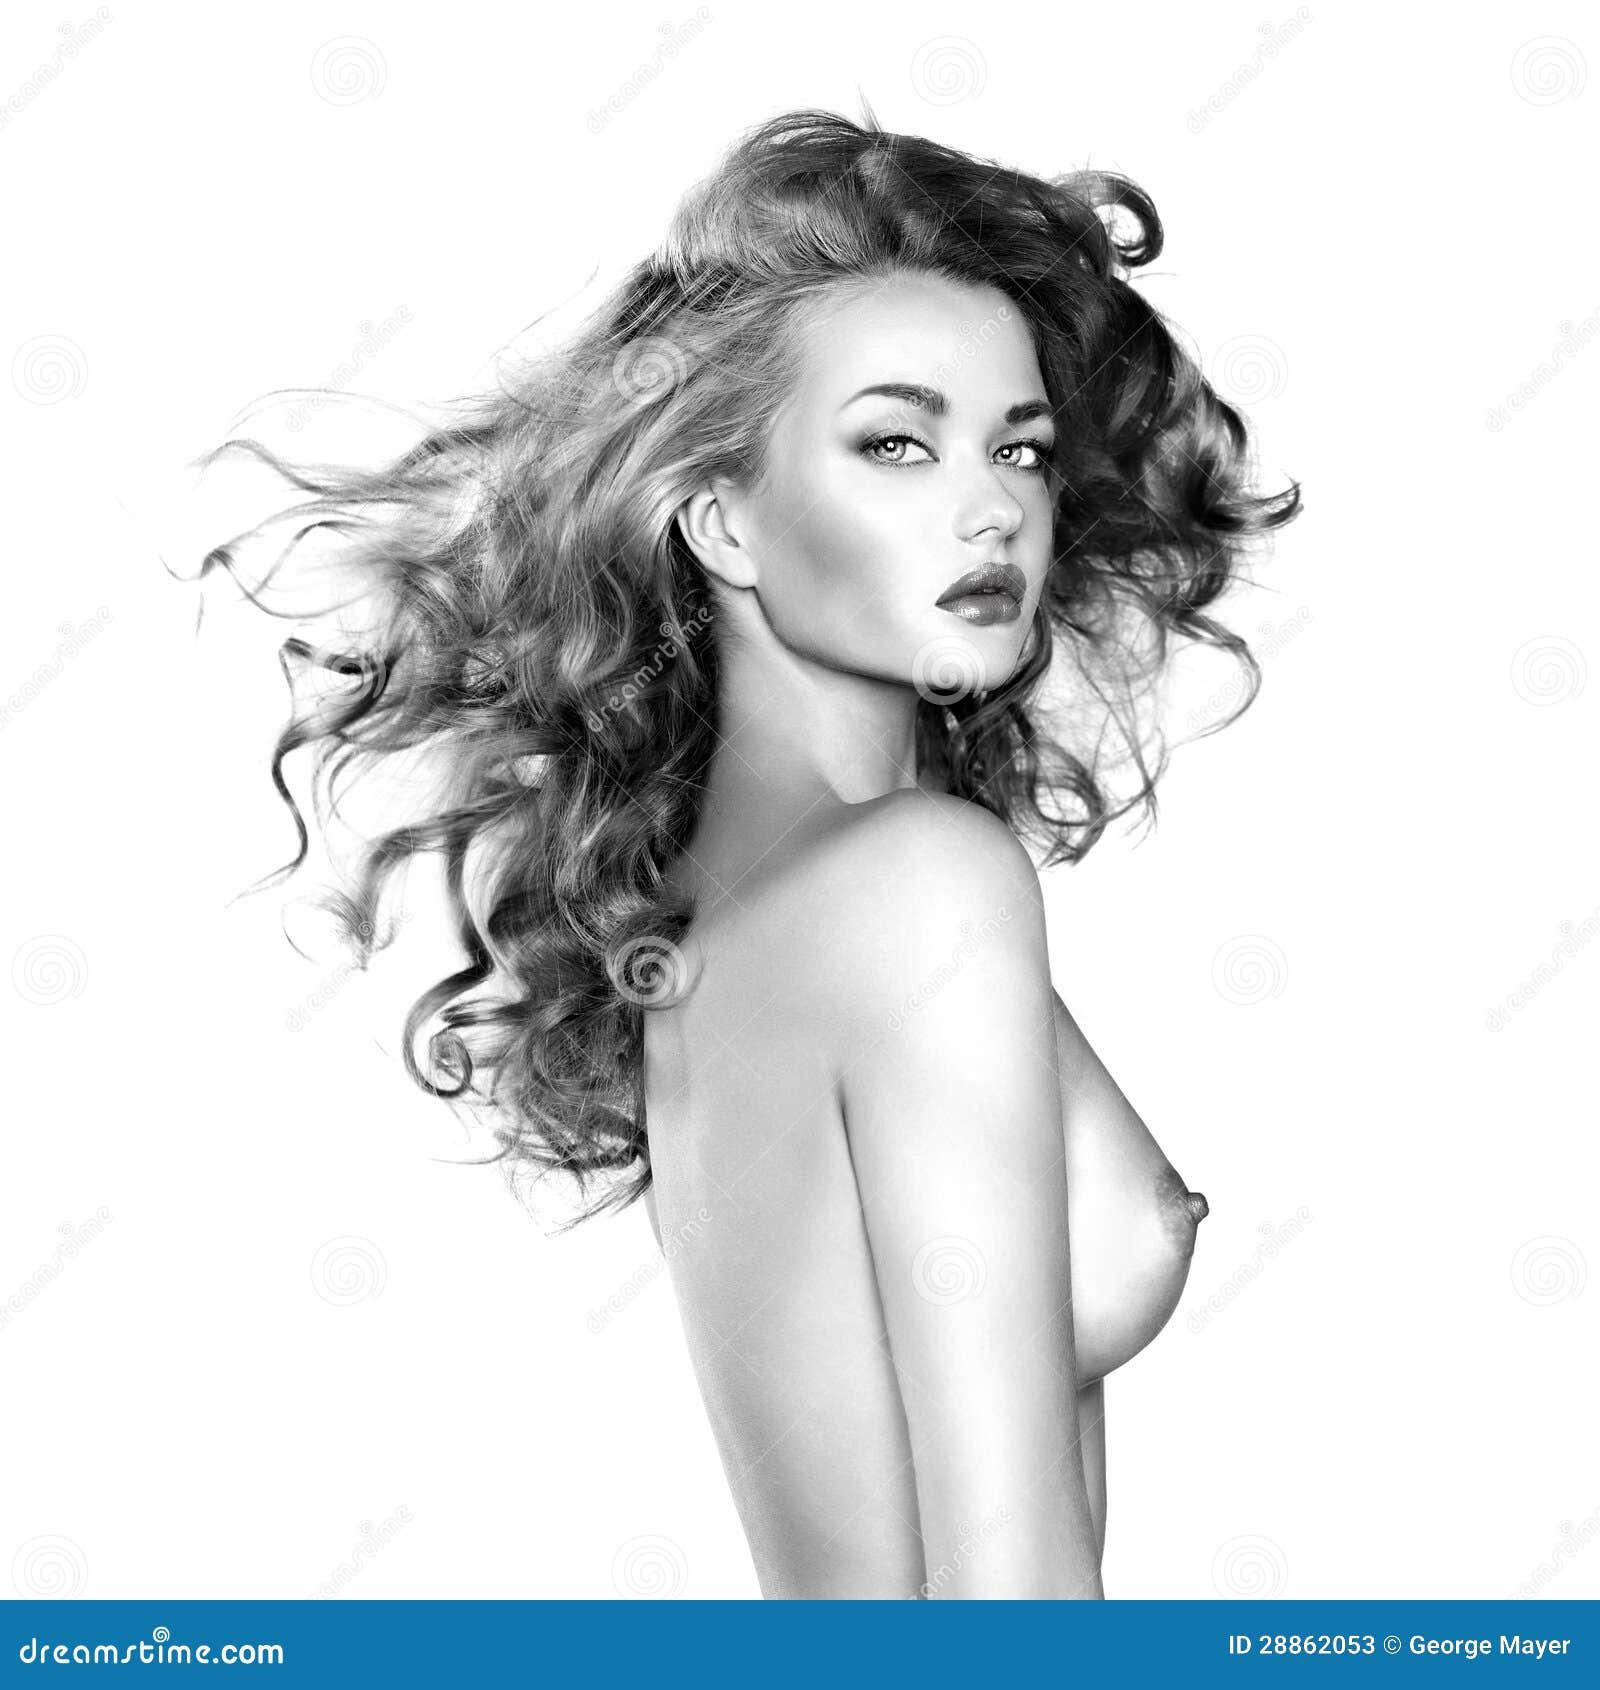 Demi vie 2 mod de peau nue